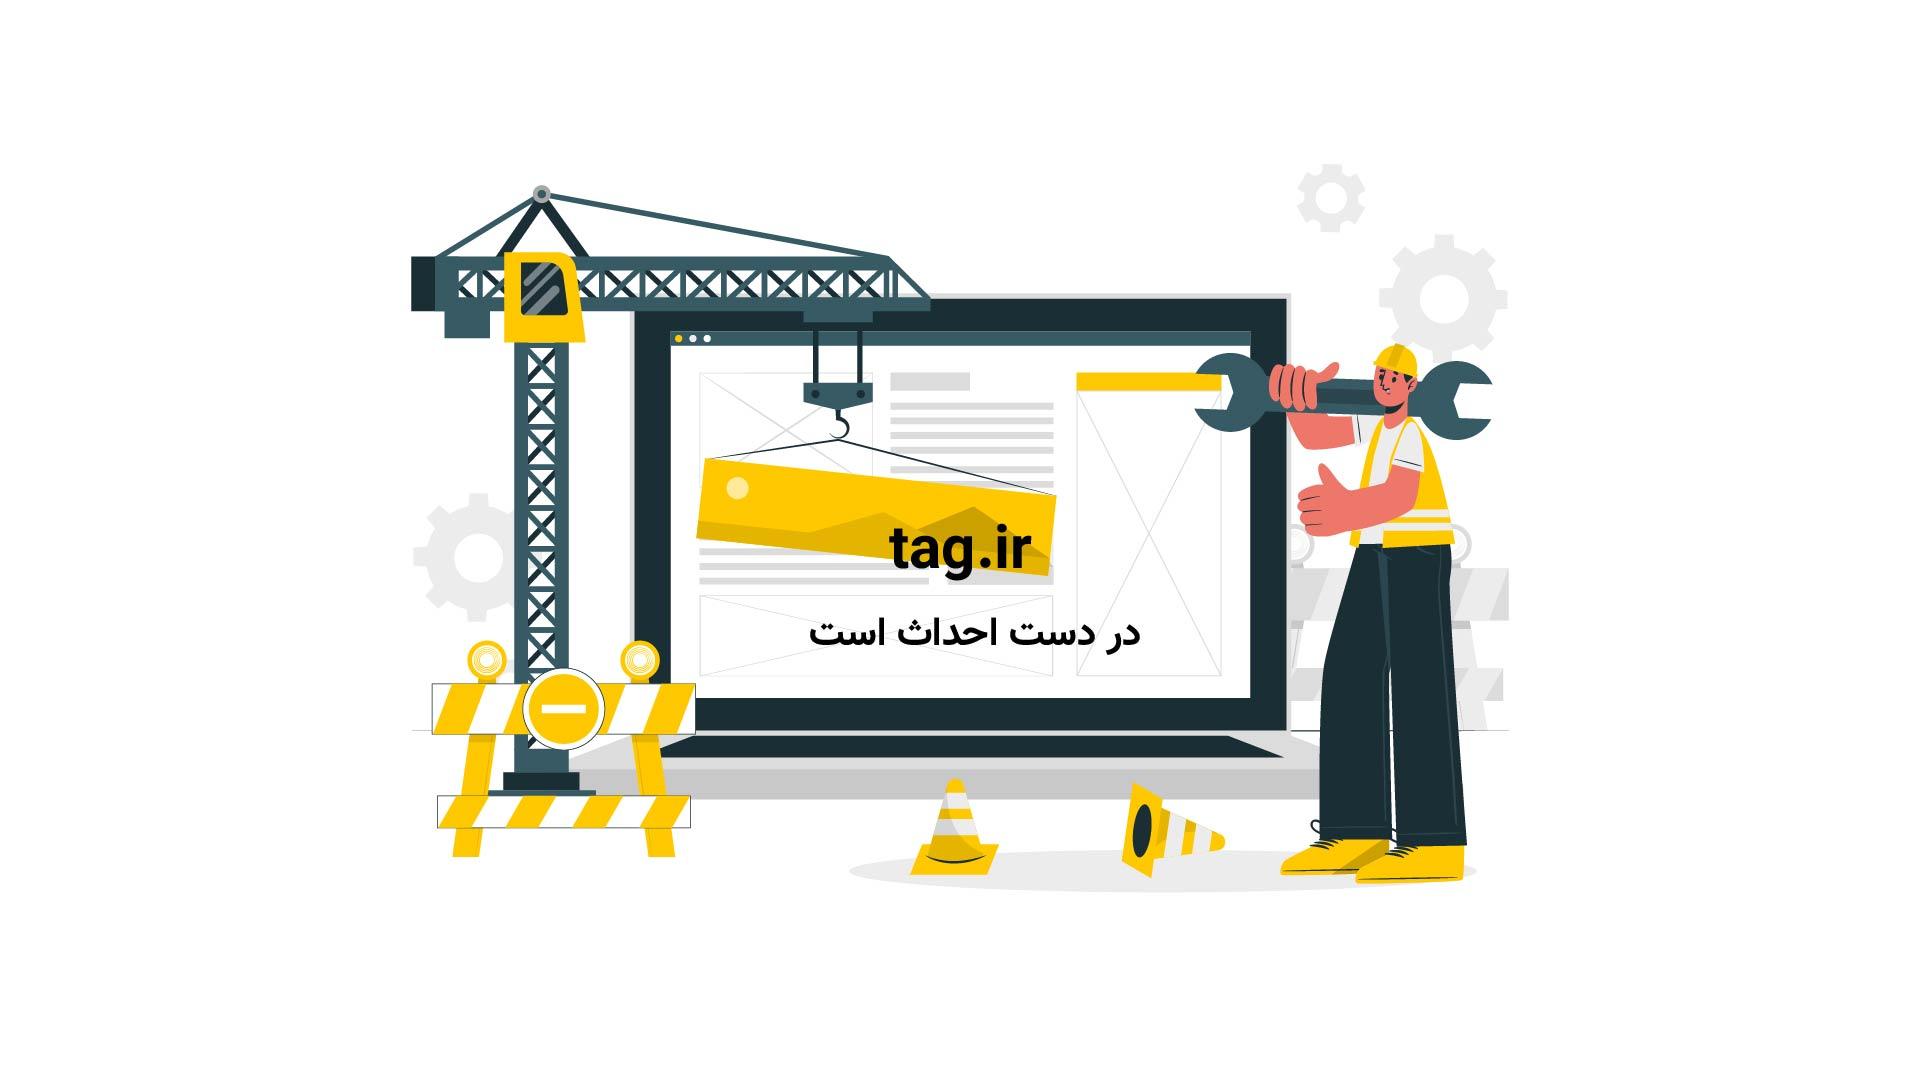 بازگشت تیم ملی فرانسه در بین استقبال بینظیر مردم کشورشان | فیلم